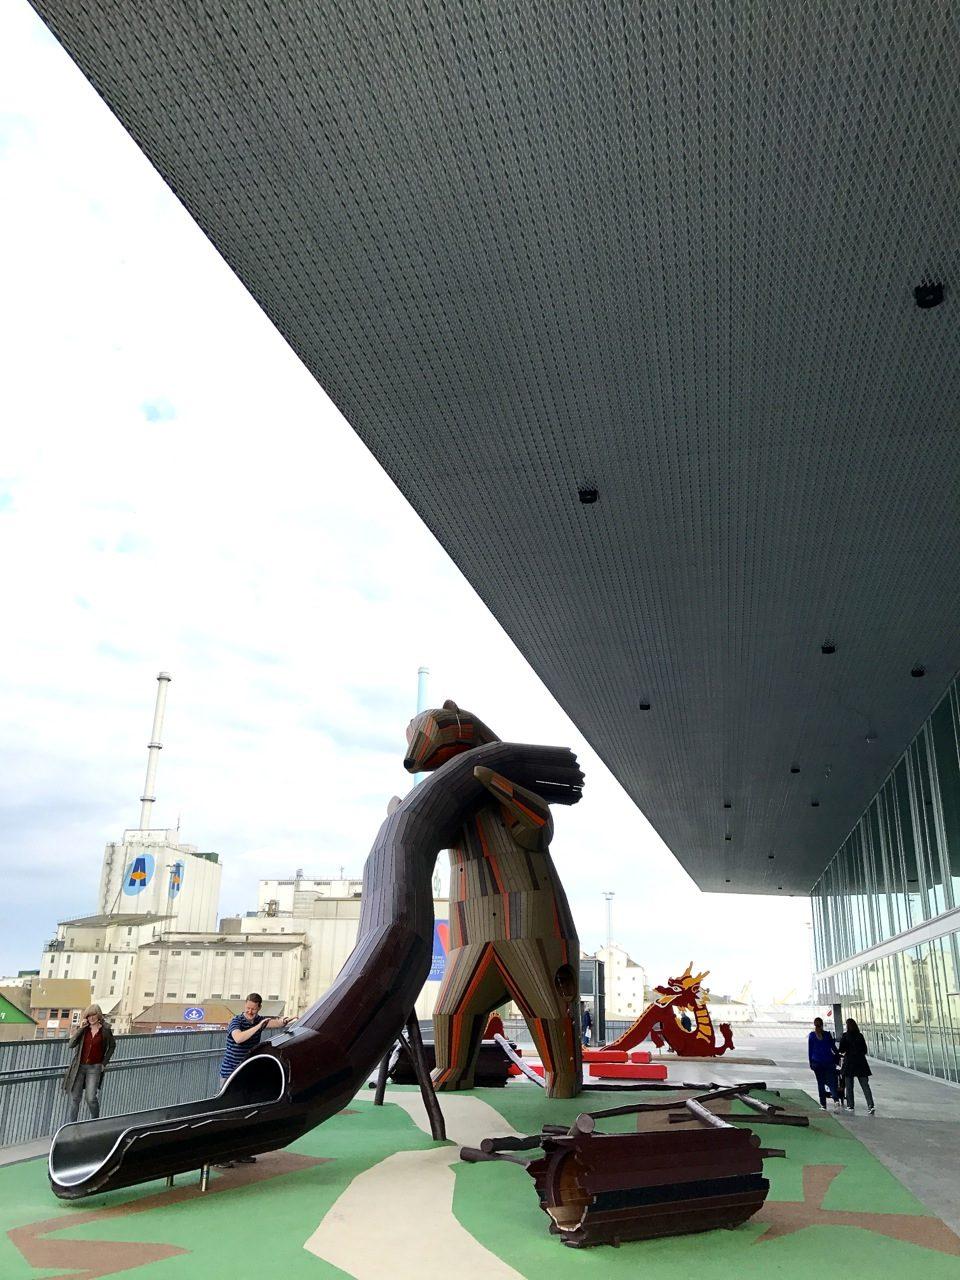 Dokk1. Für Kinderspaß ist draußen mit mehreren Themen-Spielplätzen gesorgt. Das Bild zeigt den kanadisch inspirierten Platz mit der Grizzly-Bär-Rutsche. Dahinter der Drache der chinesischen Spielfläche.